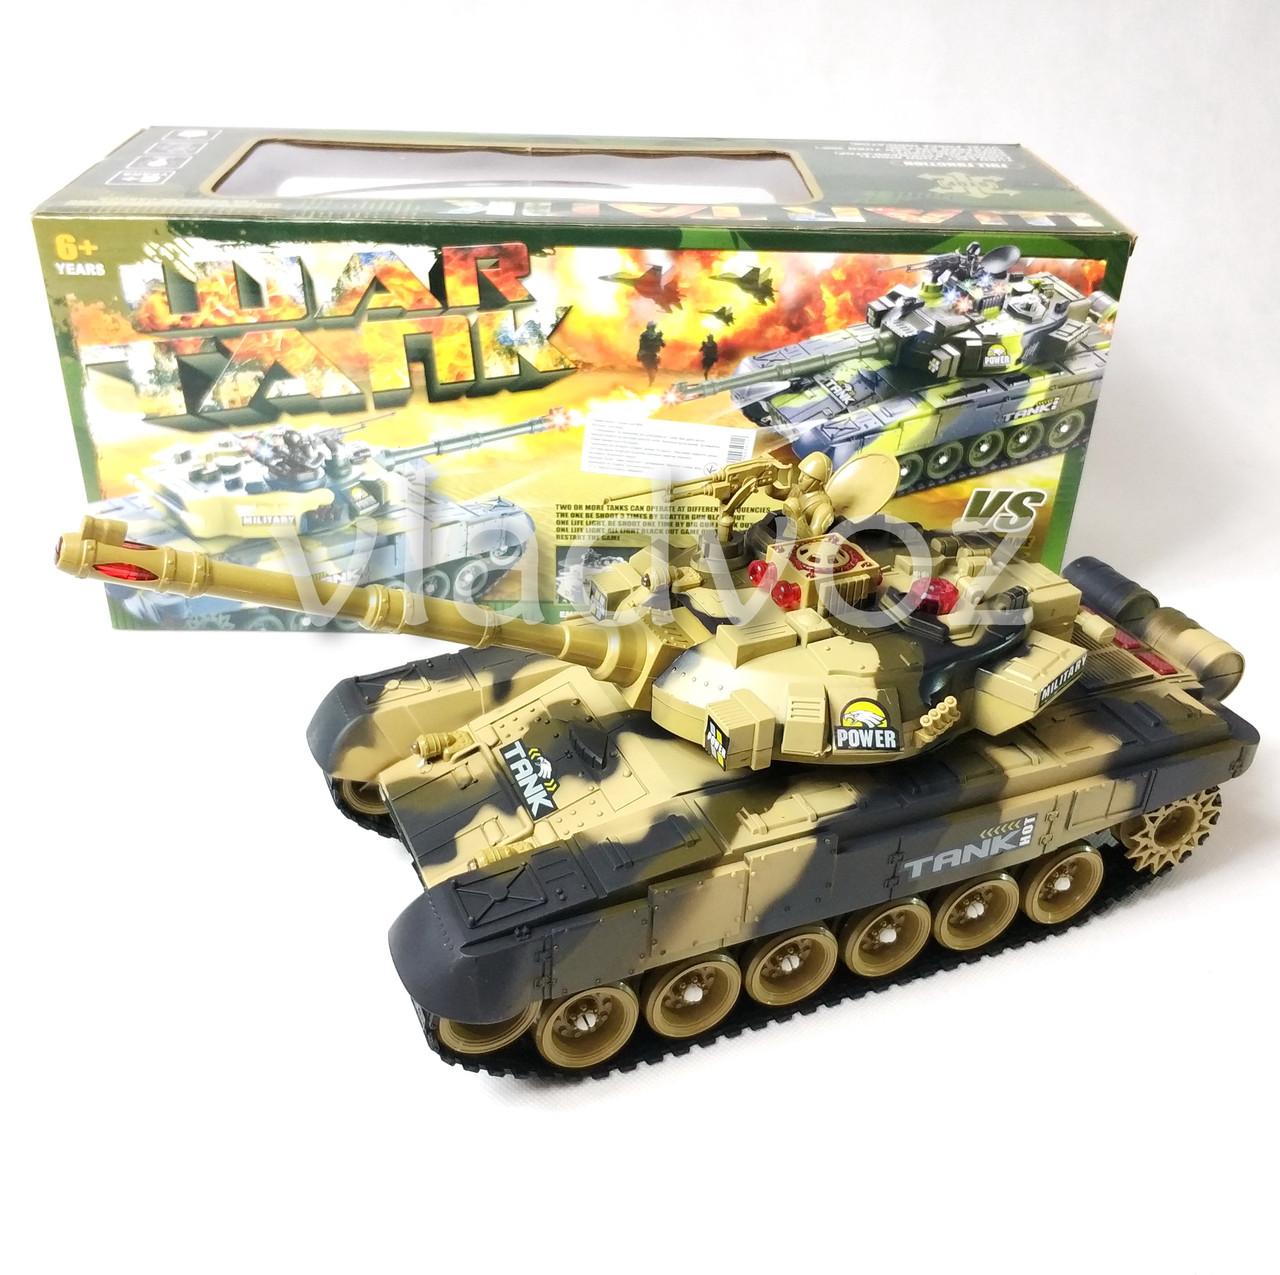 танк на управлении фото с коробкой с переди цвета хаки